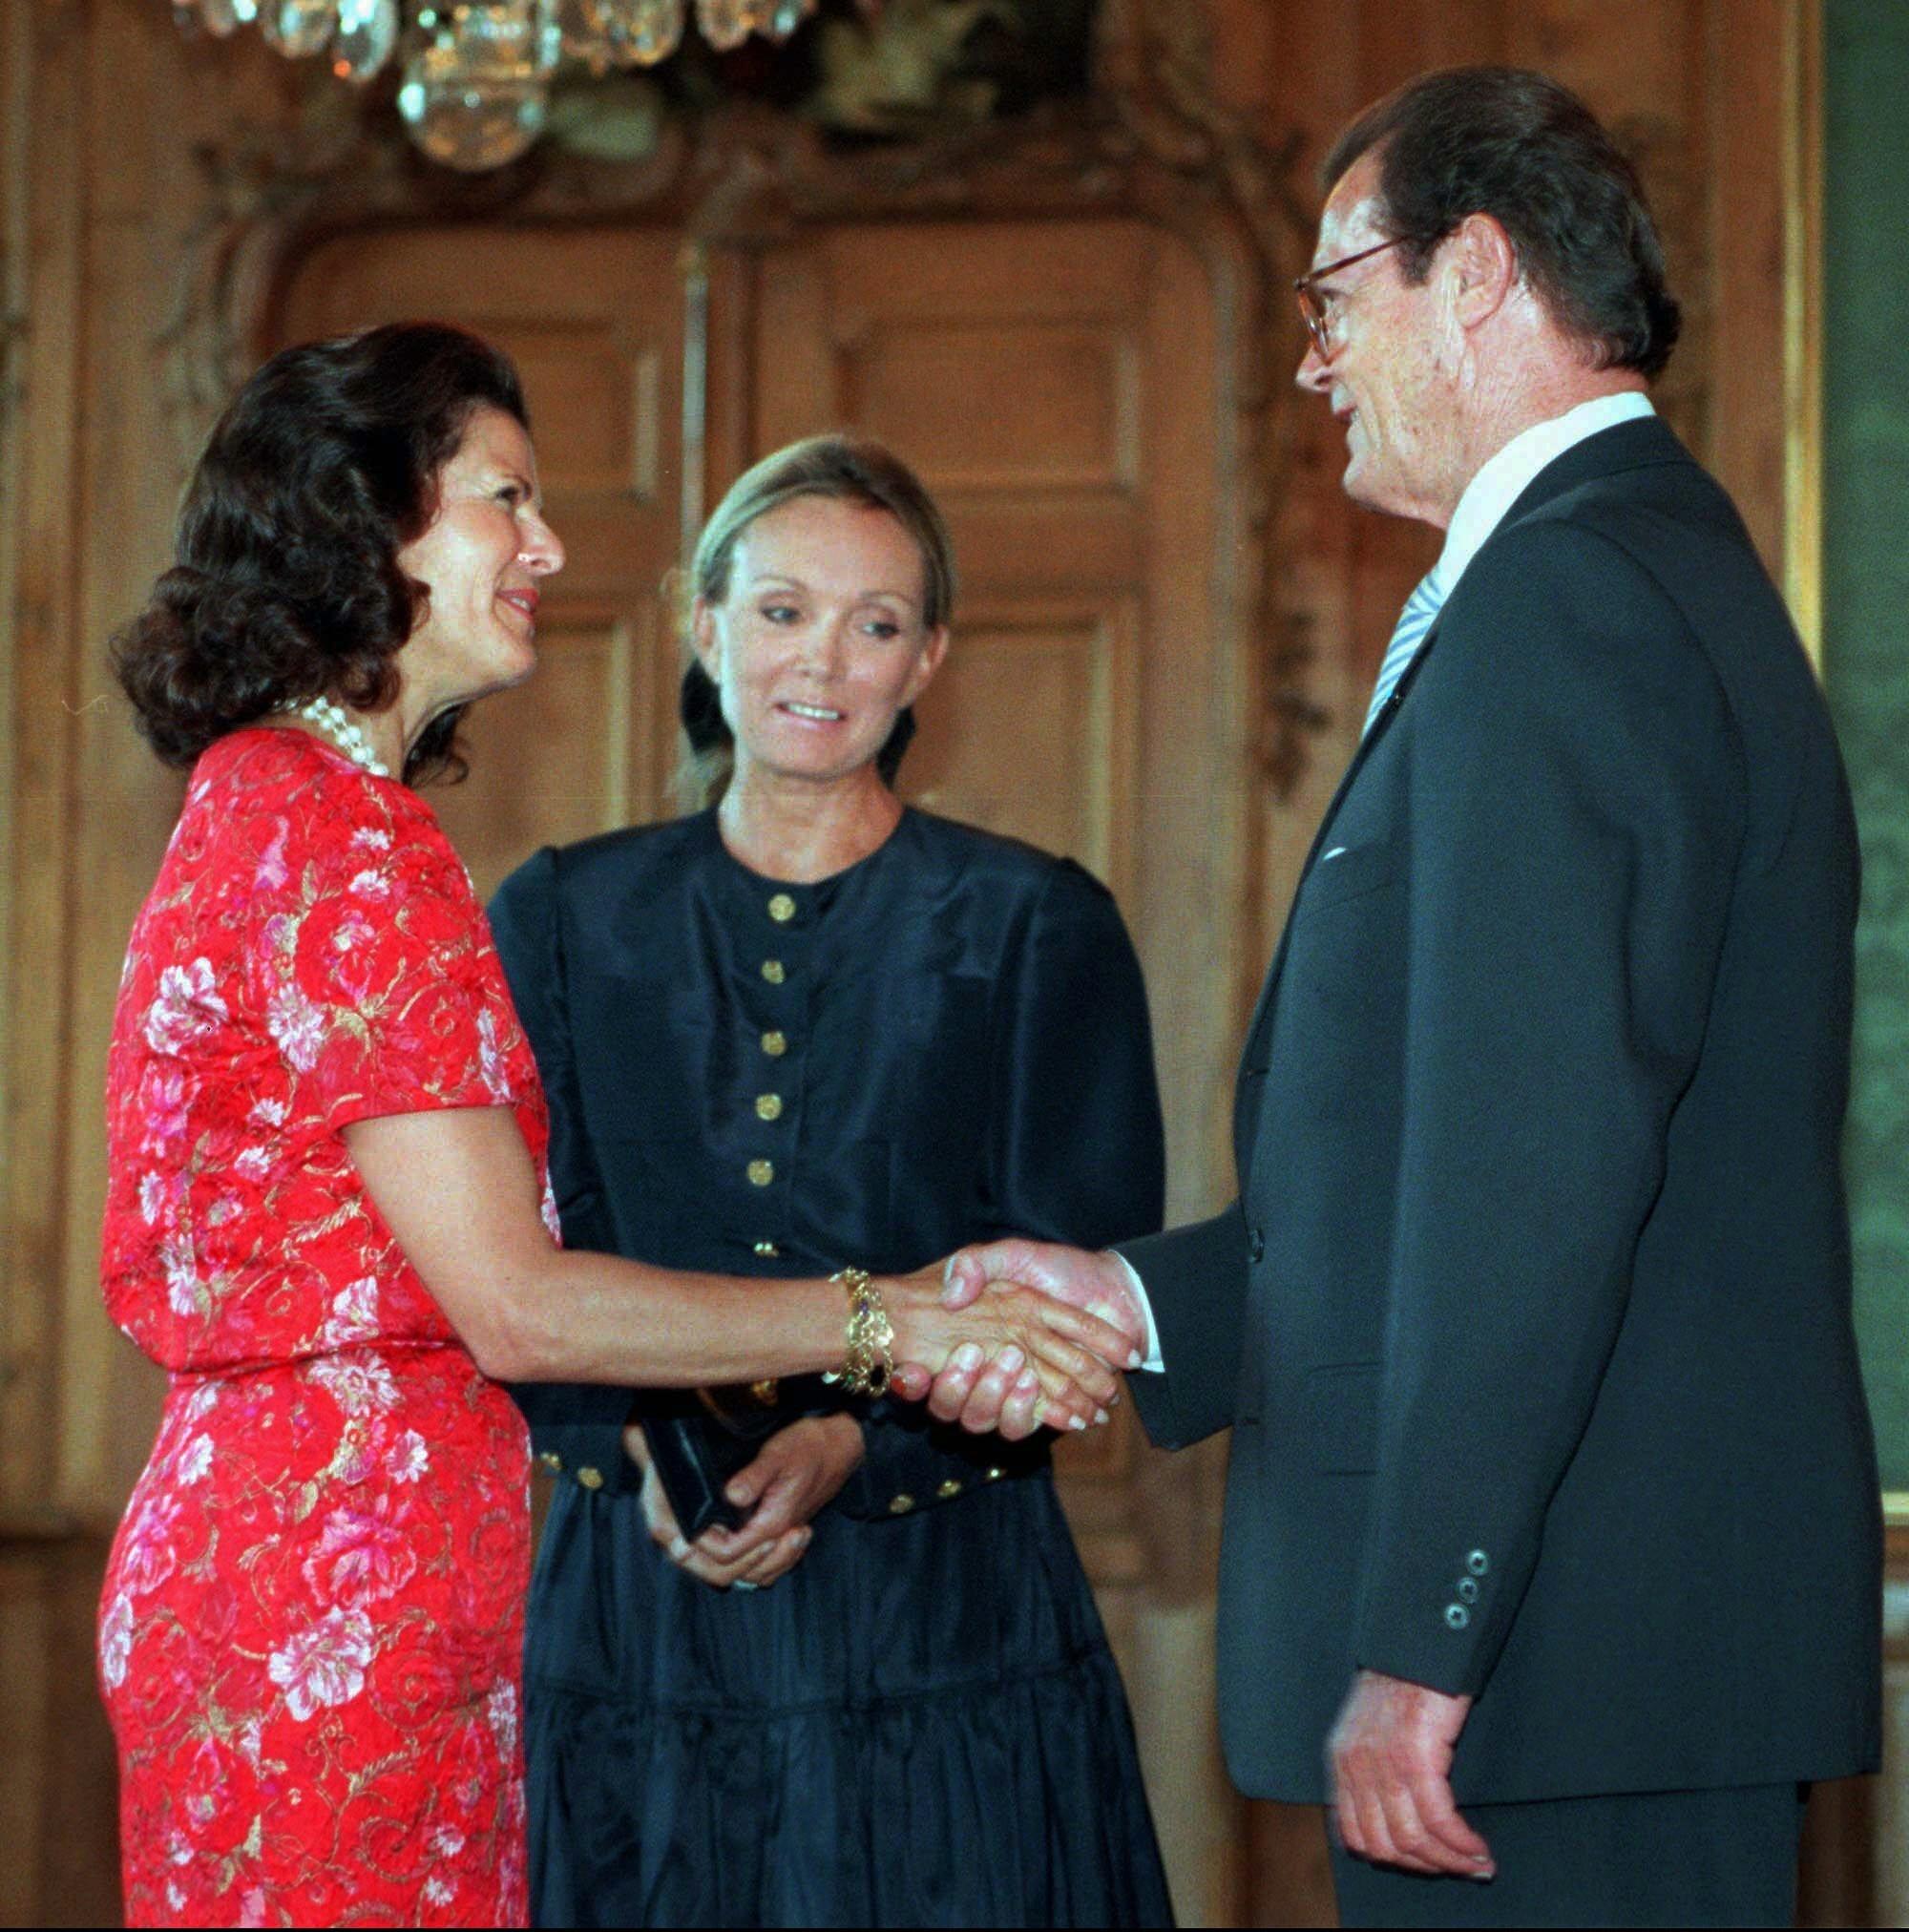 Totaler Schwachsinn: Die deutsche Boulevardpresse unterstellte Königin Silvia und Schauspieler Roger Moore eine Affäre, aus der Prinzessin Madeleine entstanden sein soll.  ©picture alliance / AP Images